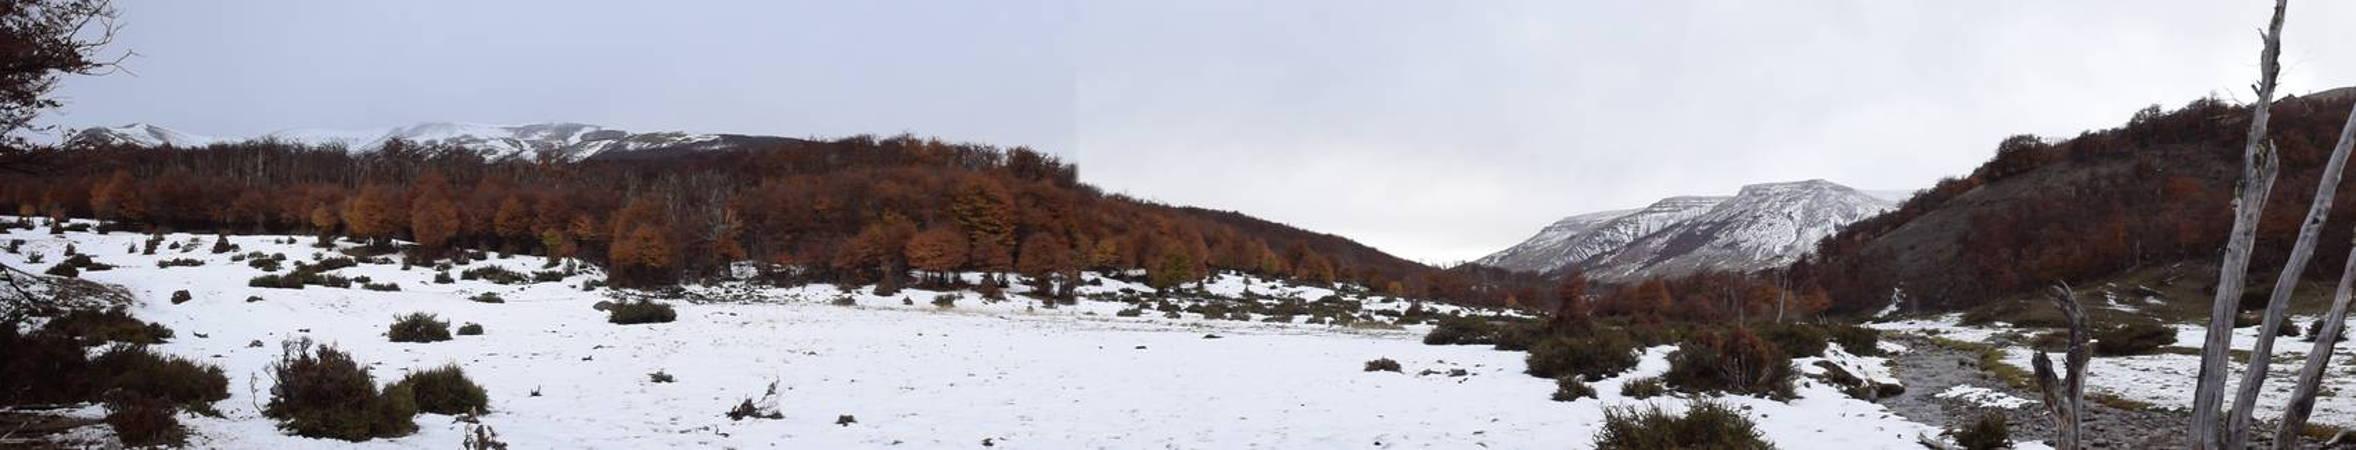 Cavalcade en Patagonie 9